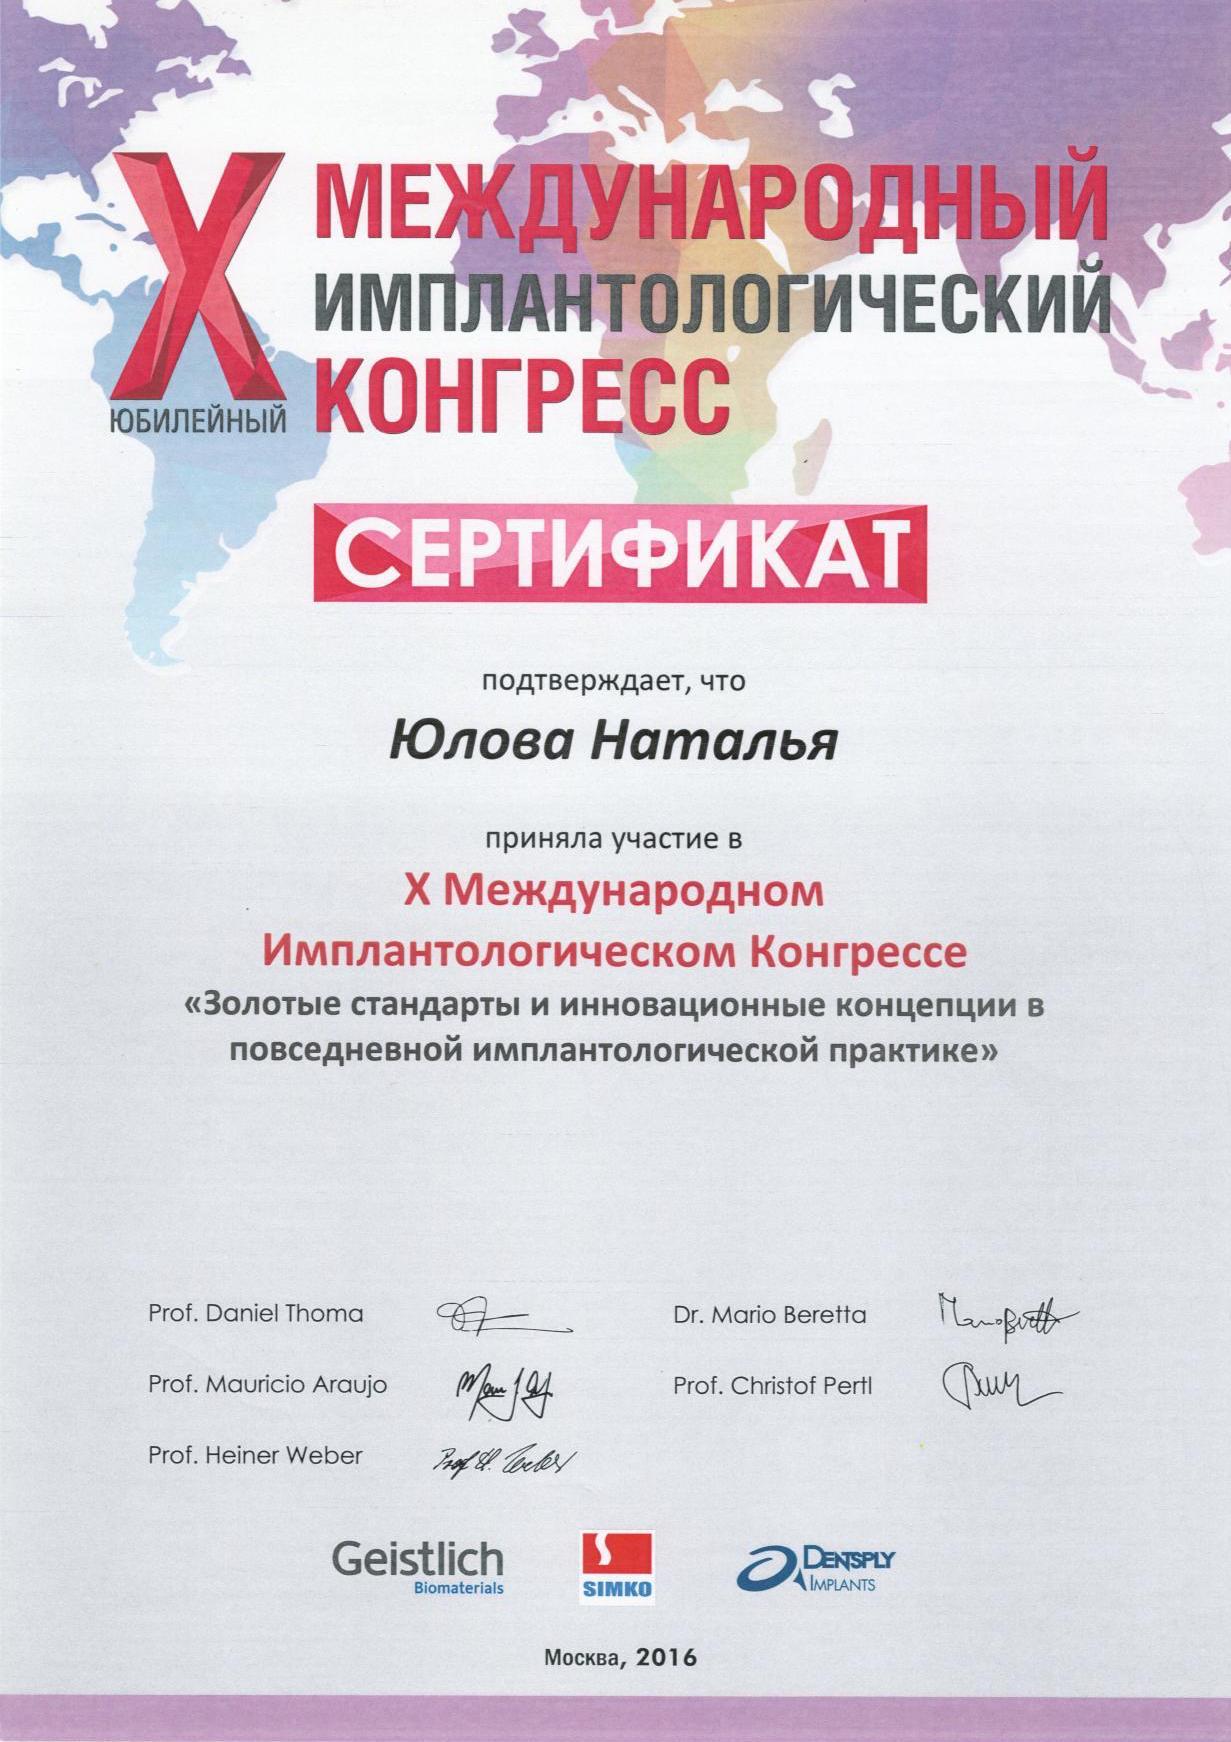 сертификат Юлова за участие в конгрессе